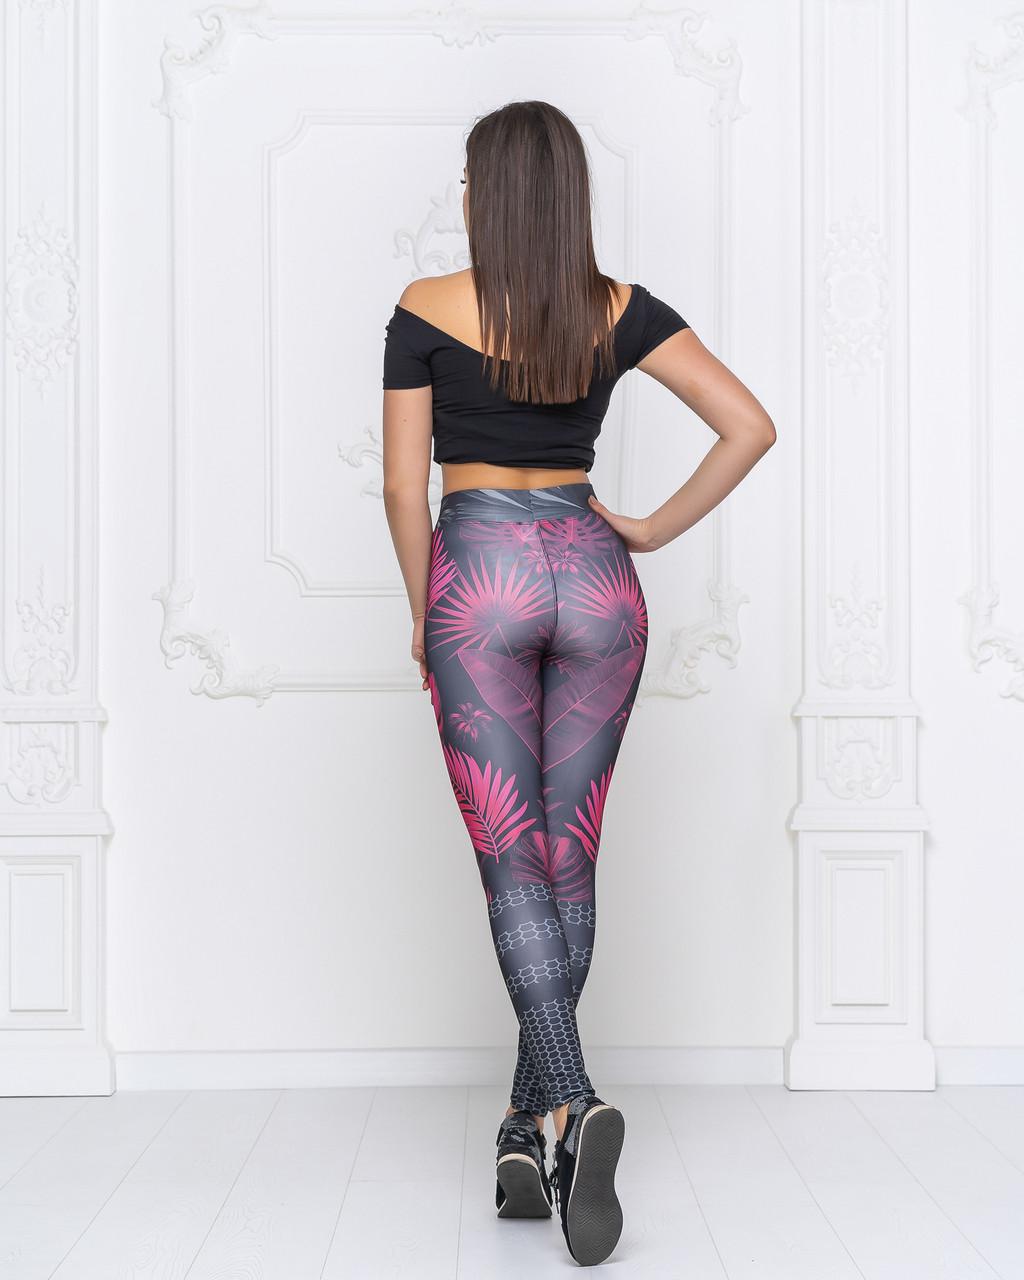 Спортивные женские яркие лосины с оригинальным  ярким принтом для йоги,танцев и фитнеса..